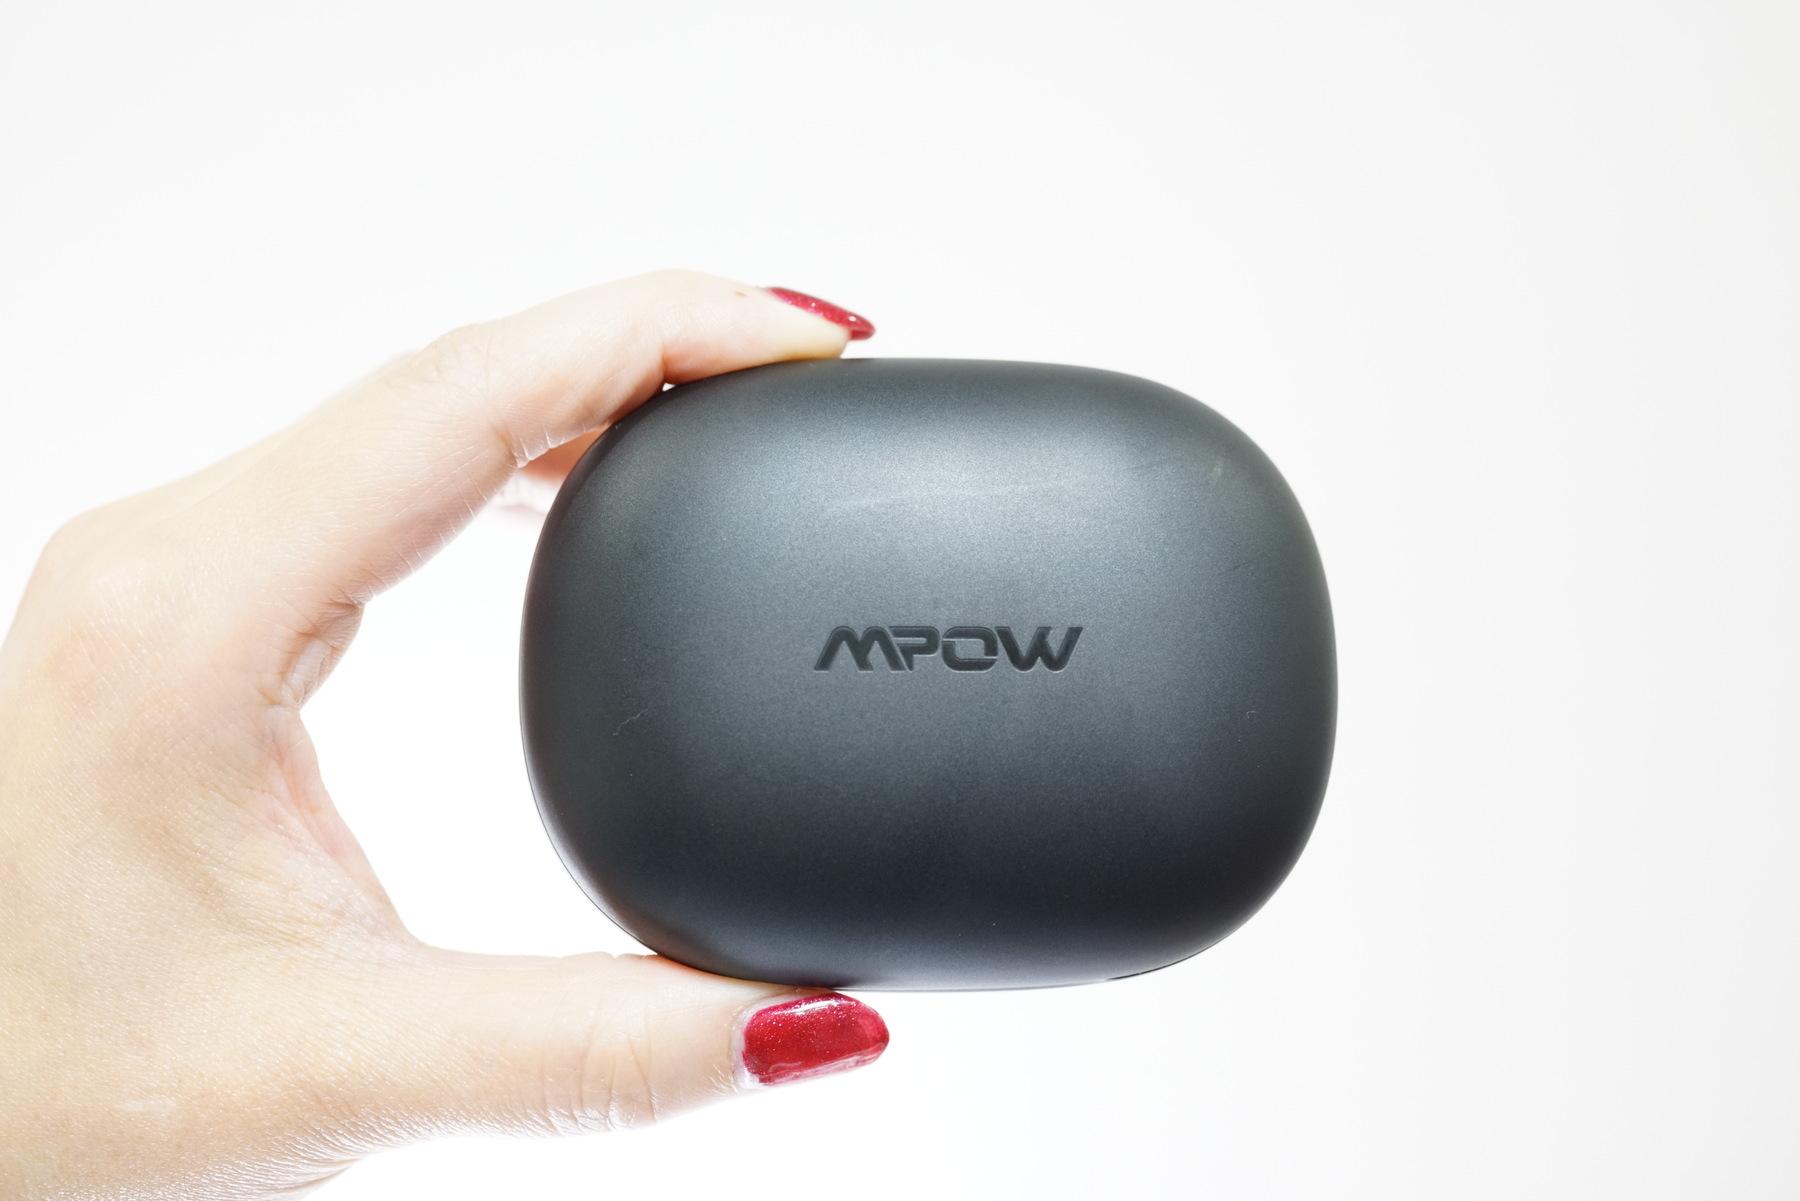 Mpow M20 ワイヤレスイヤホンレビュー 外観参考写真